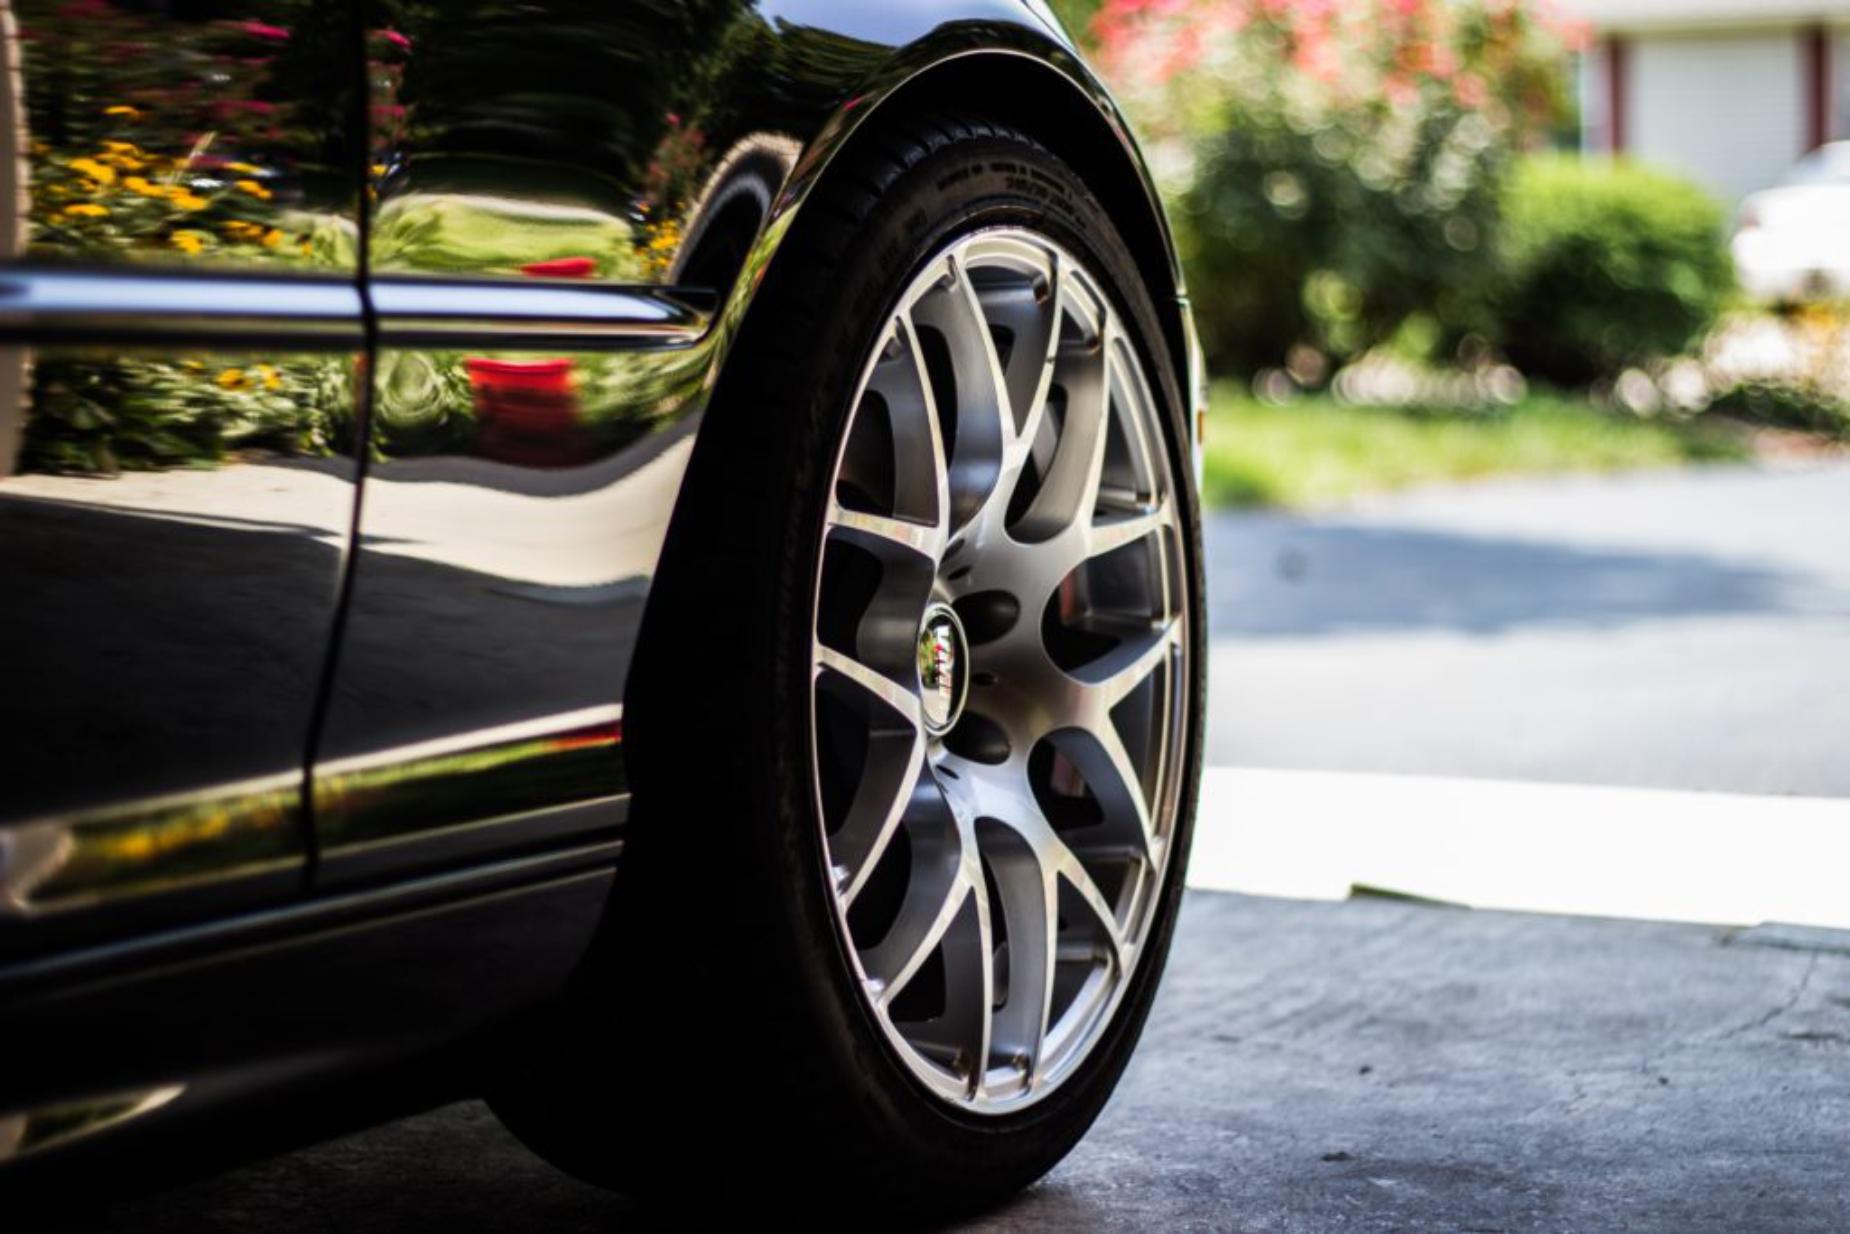 Segurança em primeiro lugar: garanta a proteção para os pneus do veículo